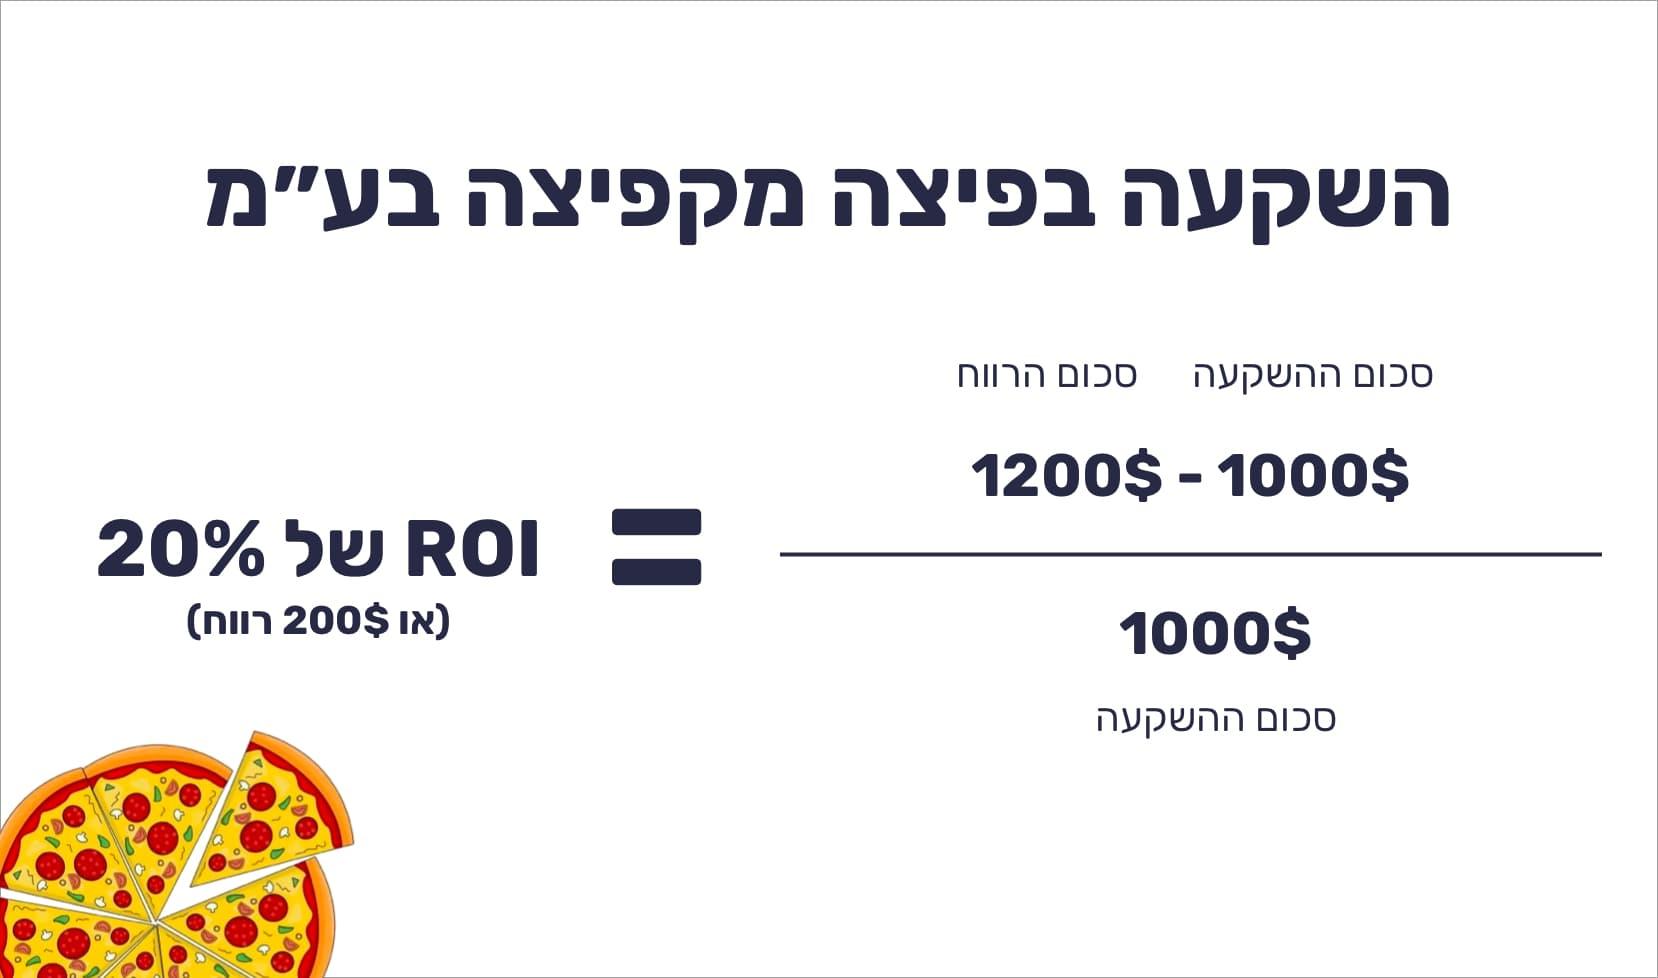 דוגמה לחישוב ROI